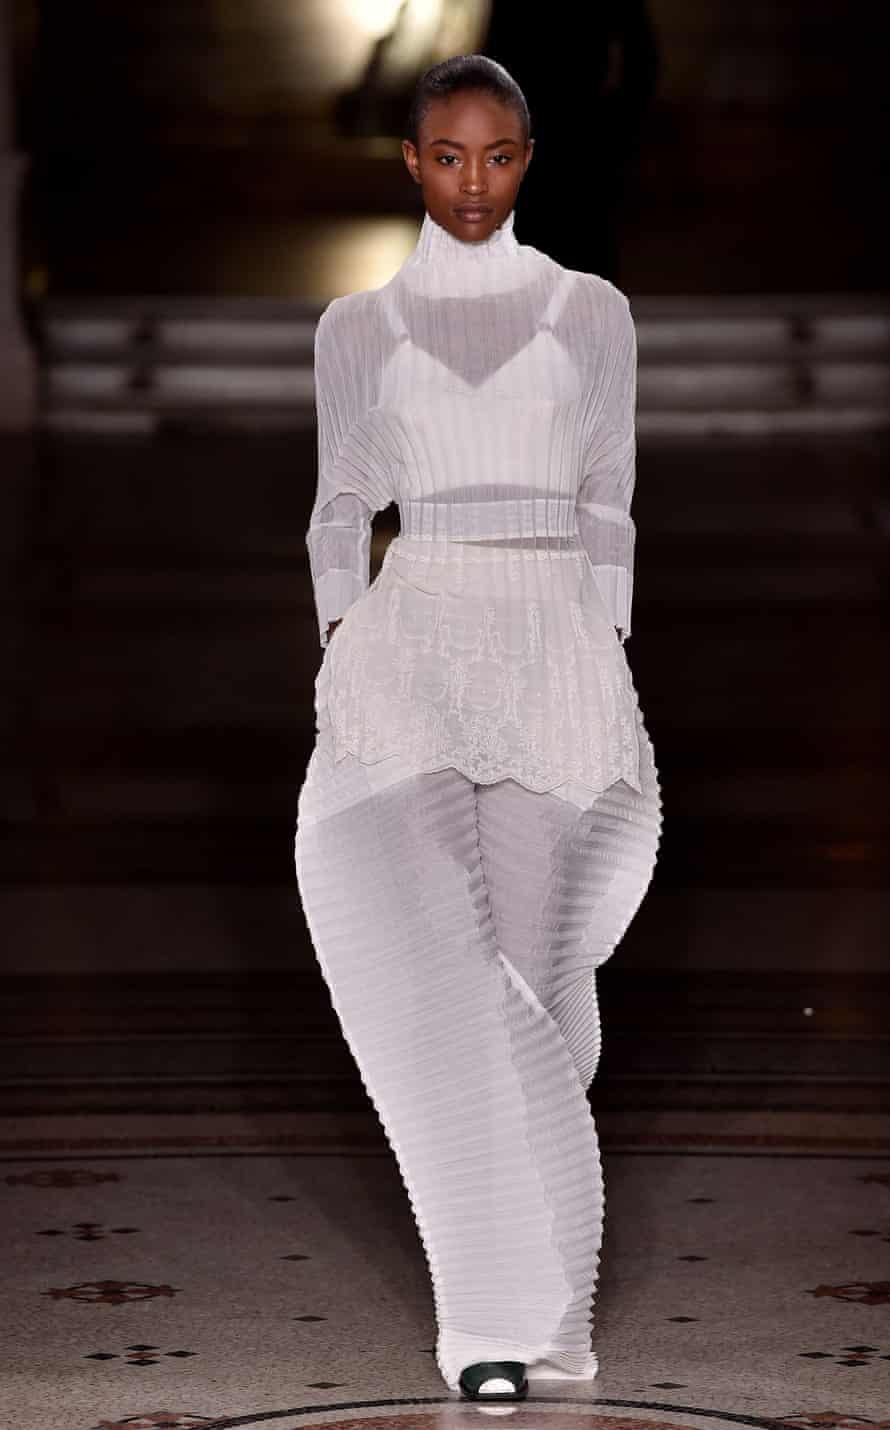 A model wears a conical bra under sheer, darted knitwear.